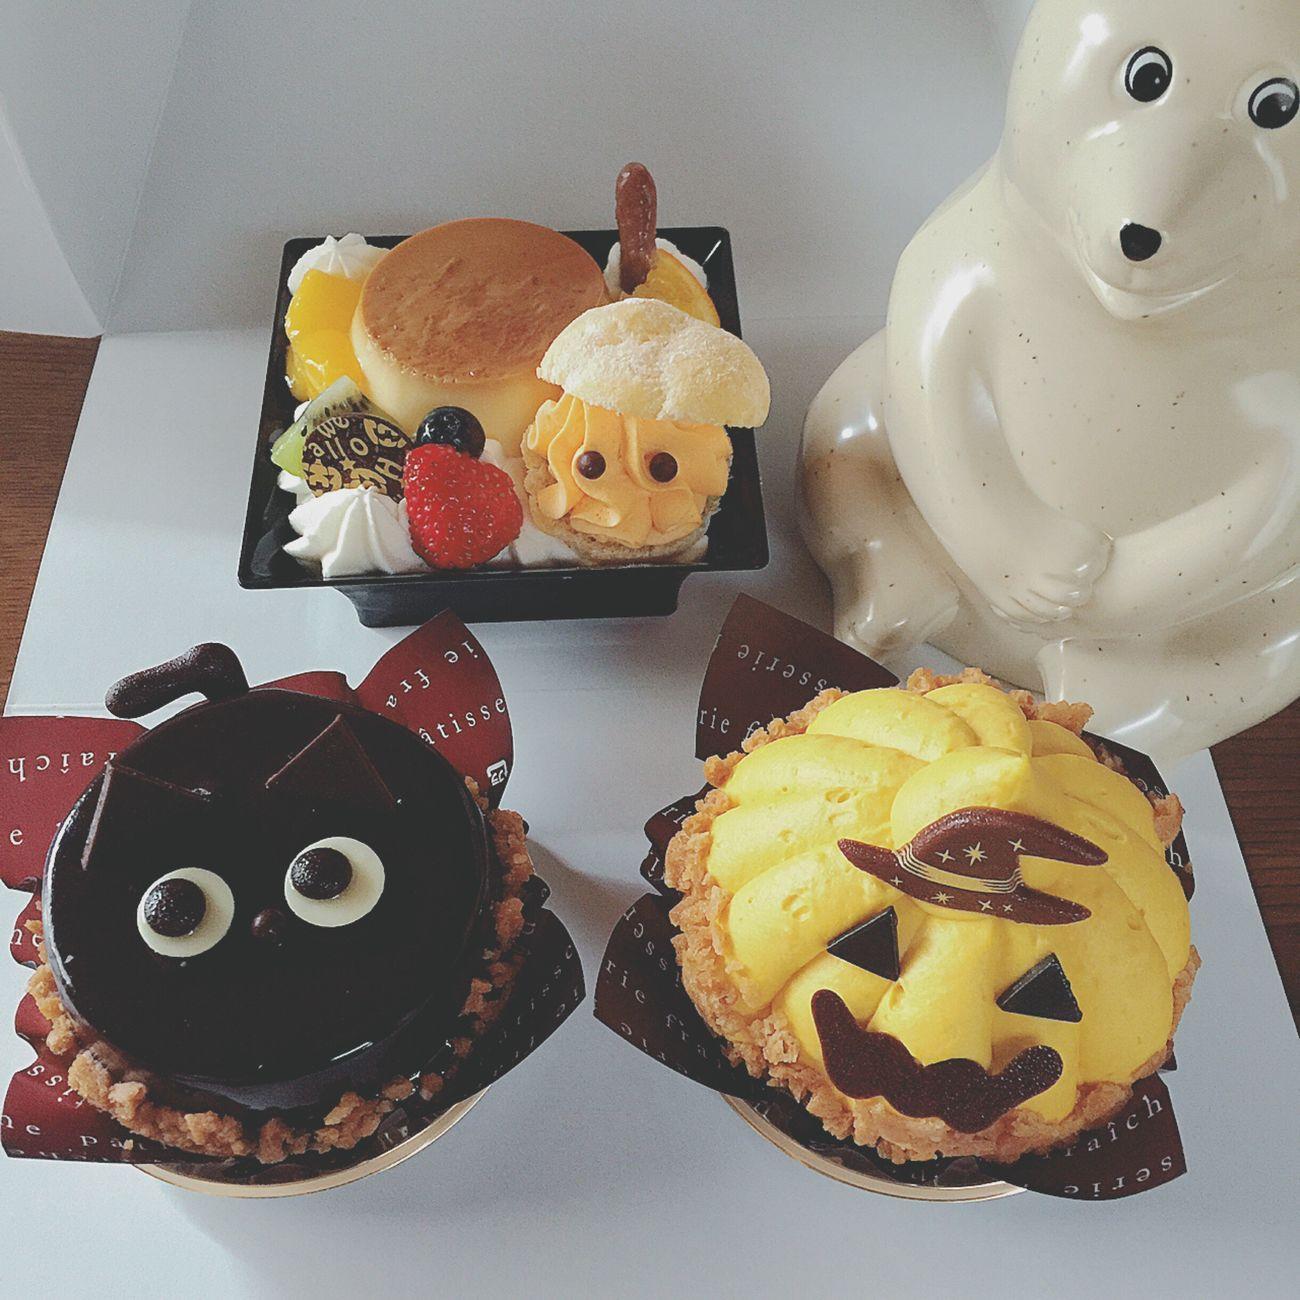 ハロウィン後記 ハロウィンは、おばあちゃんの顔を見に行きました🏠✌🏼️👵🏼 ハロウィンをあんまり知らないので、可愛いケーキを食べて、ハロウィンを一緒に楽しみました🎃👻🍰🕸🎩🍭🍫 ちなみに、このケーキたちは【Chateraise】さんとこのケーキです🍰🍰🍰 わたしは、パンプキンケーキをいただきました😋🎃🍰✨ おばあちゃんは、可愛くて甘いささやかなハロウィンを、心から楽しんでくれました〜👵🏼👍🏼🎃👻🕸🍰✨ ハロウィン Halloween ケーキ ハロウィンケーキ HalloweenCake パンプキン 黒猫 おばけ シャトレーゼ Chateraise しろくま貯金箱 北欧雑貨 ぬい撮り ぬいどり